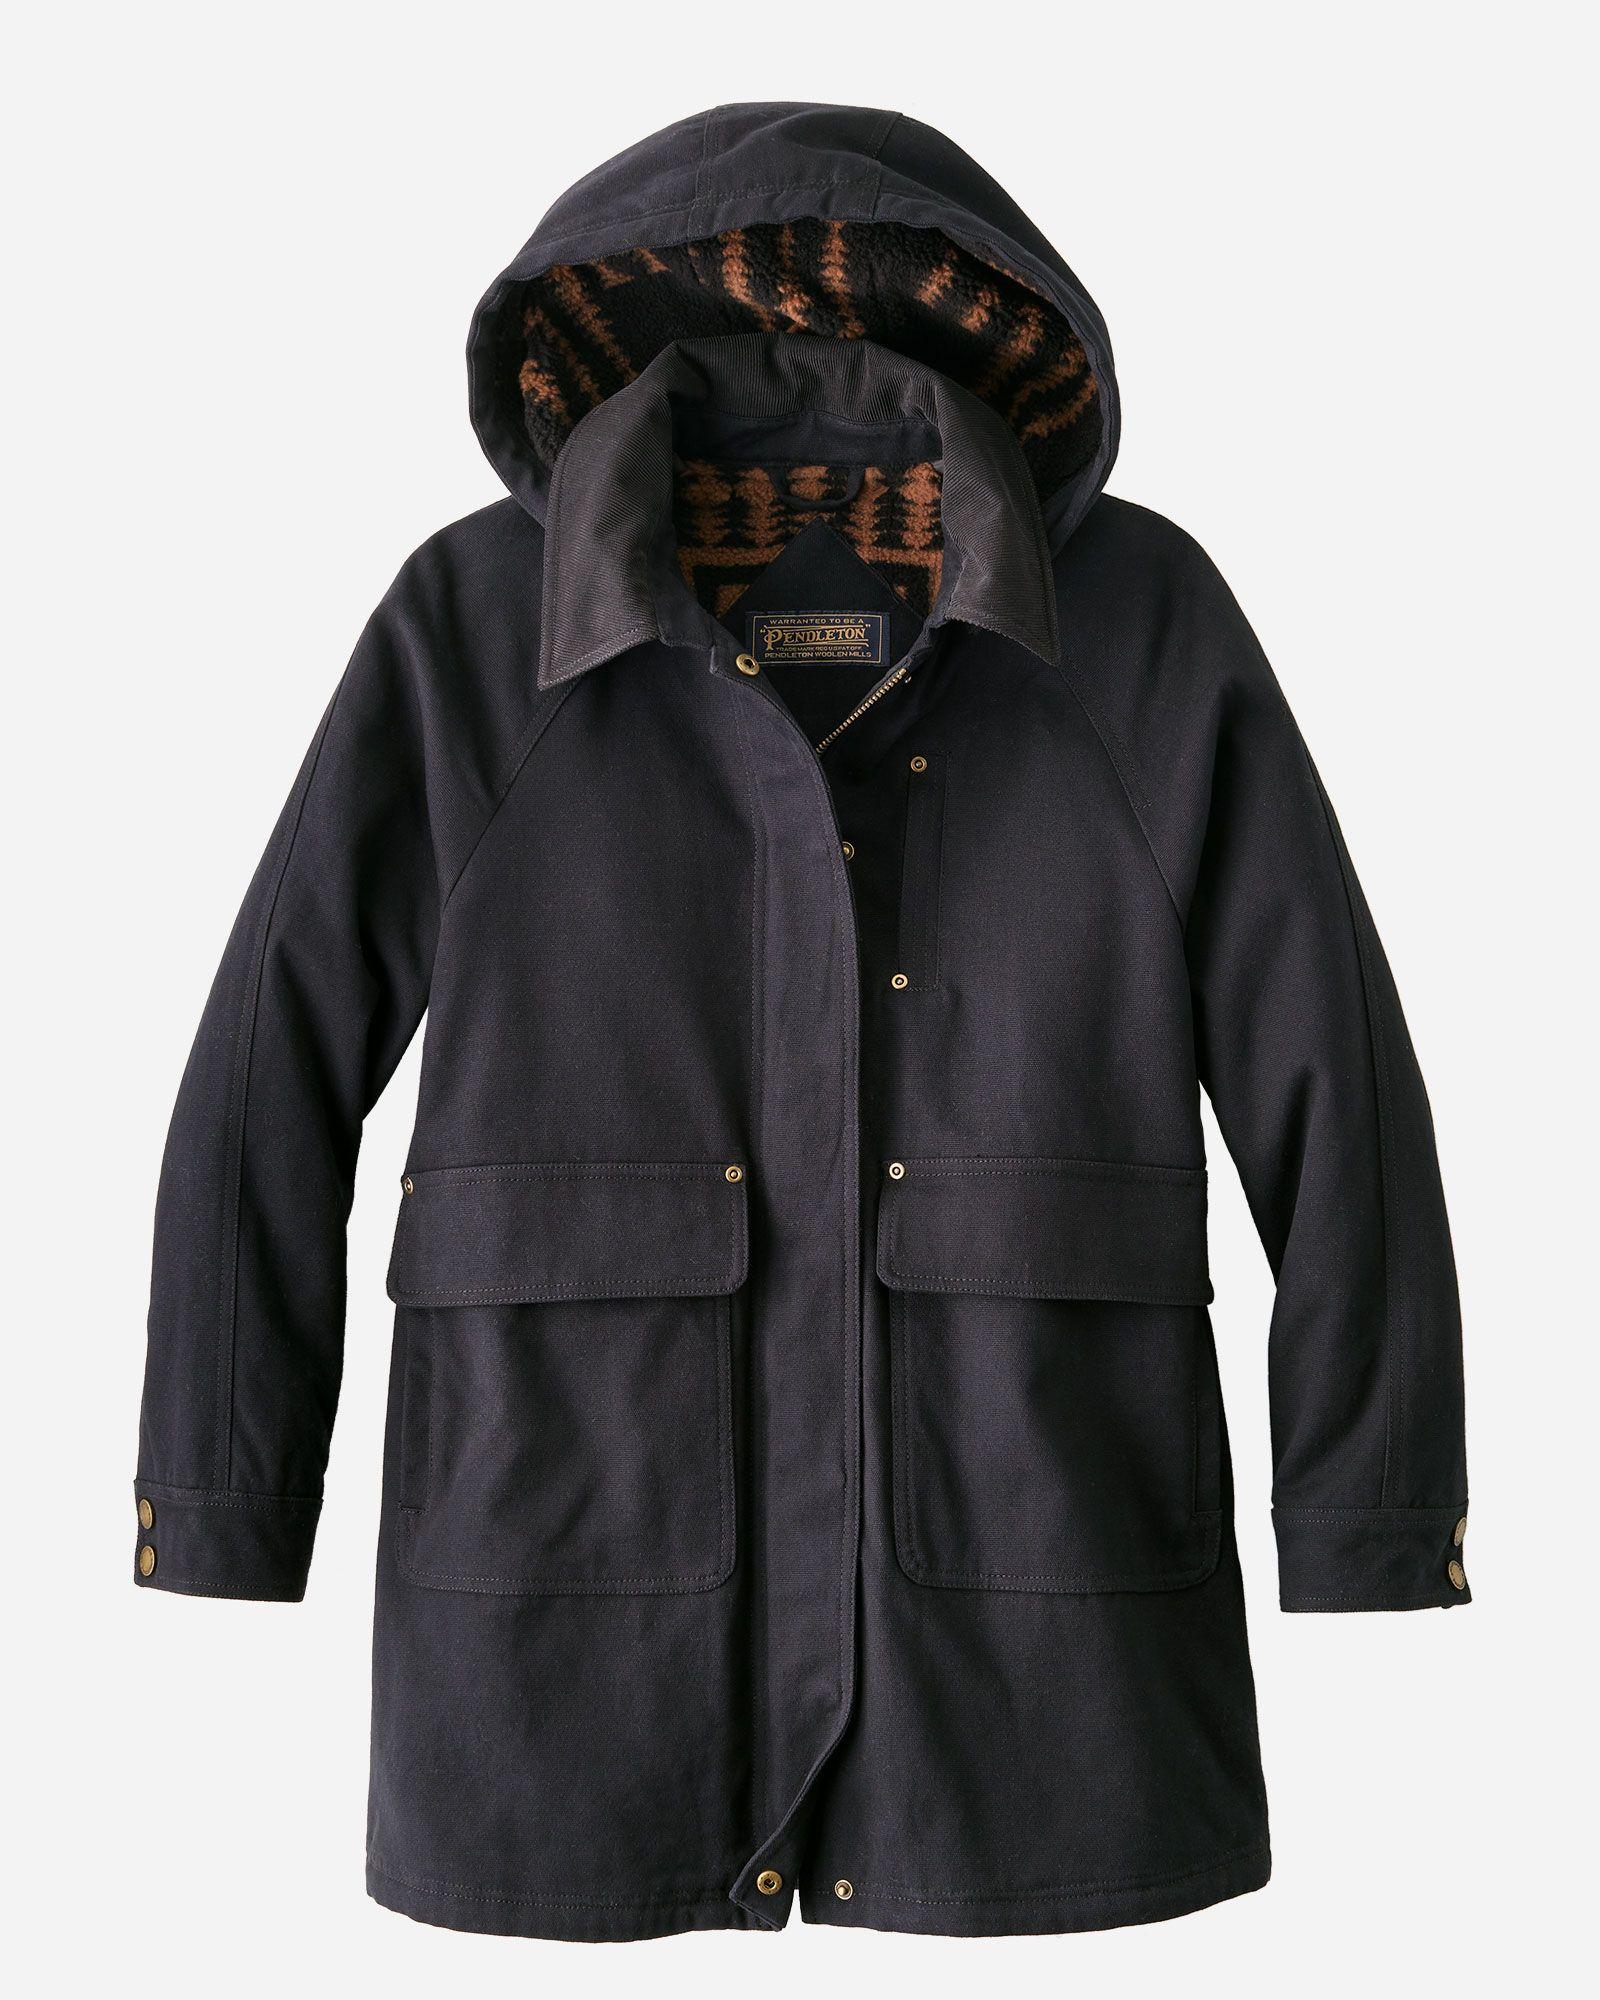 Women S St Helena Sherpa Lined Coat Sherpa Lined Womens Hooded Coat Jackets For Women [ 2000 x 1600 Pixel ]